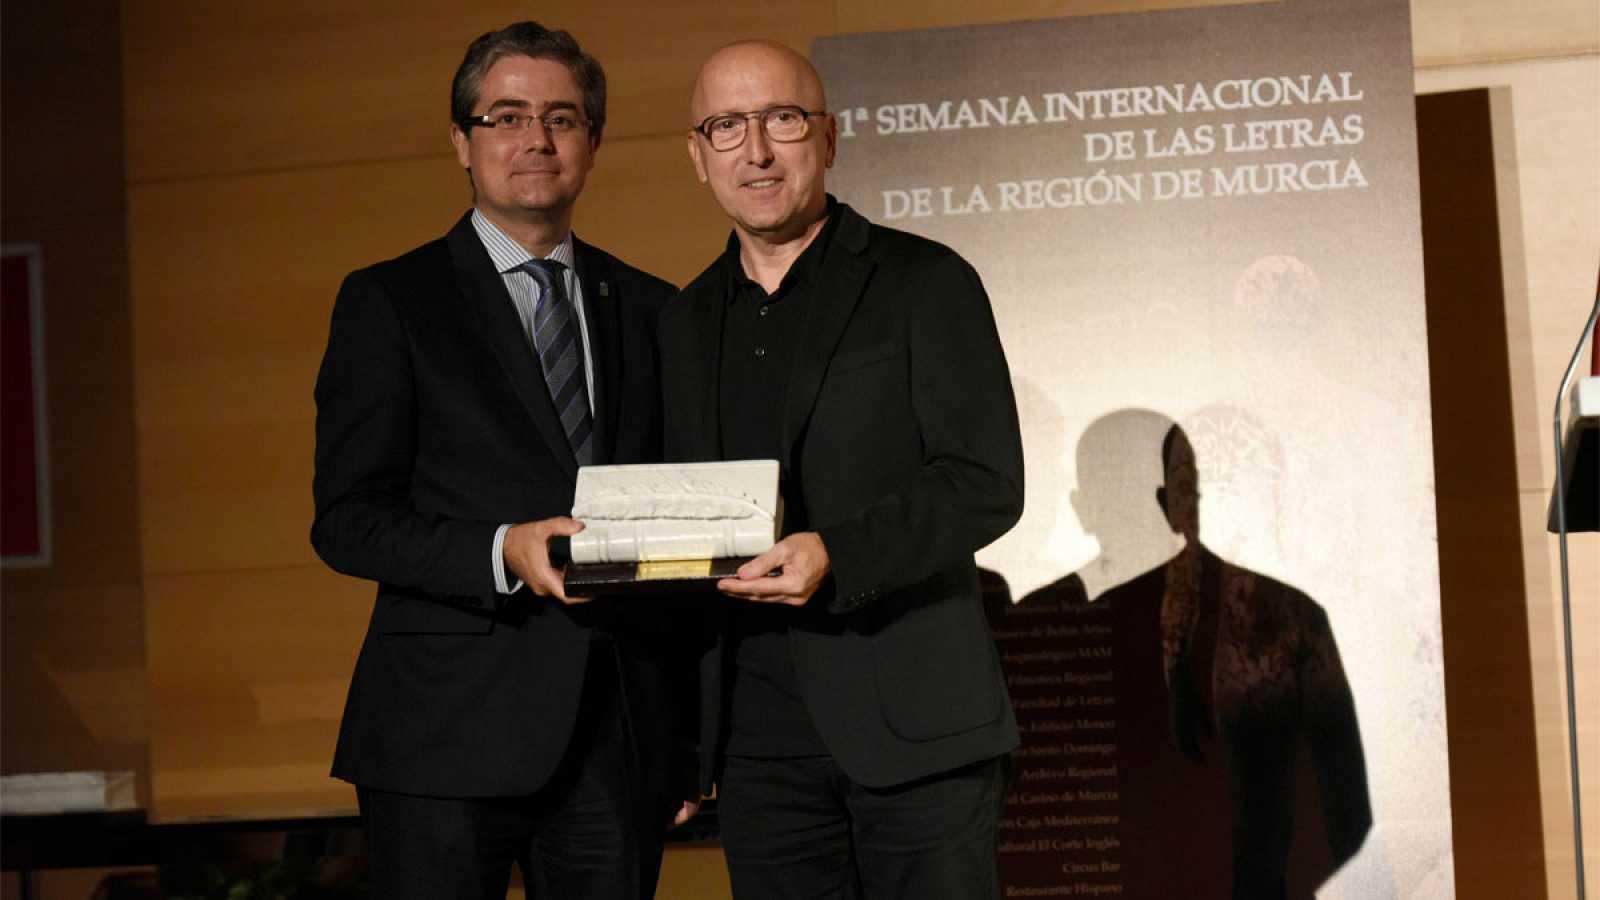 Óscar López recoge su premio en la primera Semana Internacional de las Letras de la Región de Murcia